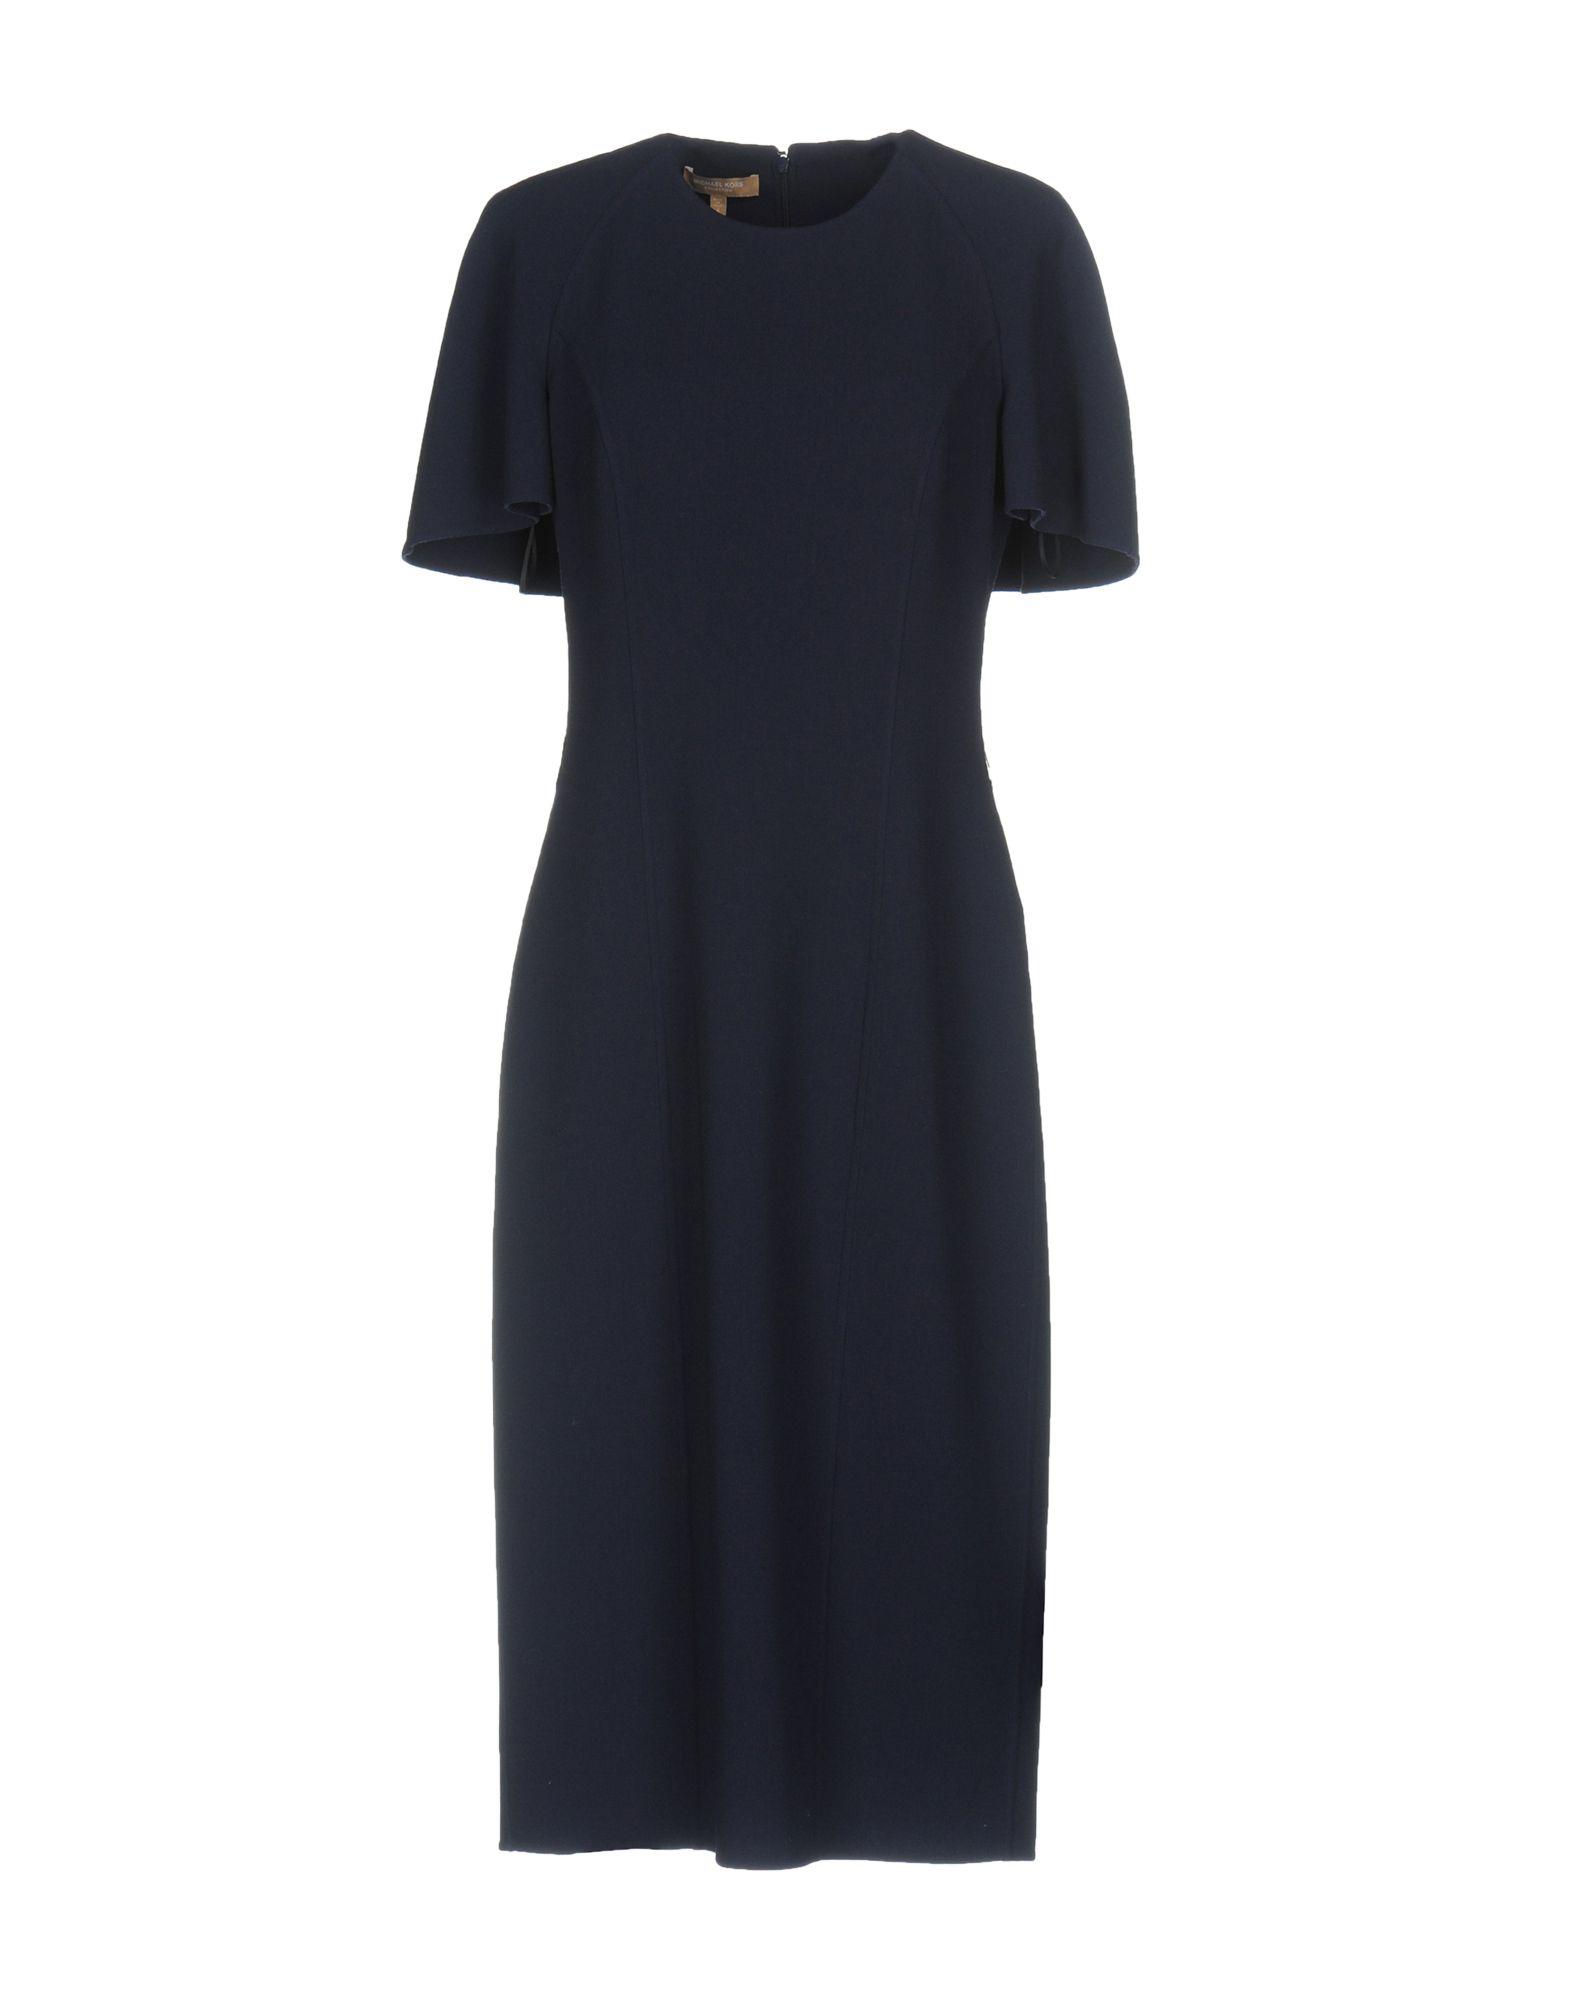 MICHAEL KORS COLLECTION Damen Knielanges Kleid Farbe Dunkelblau Größe 4 jetztbilligerkaufen